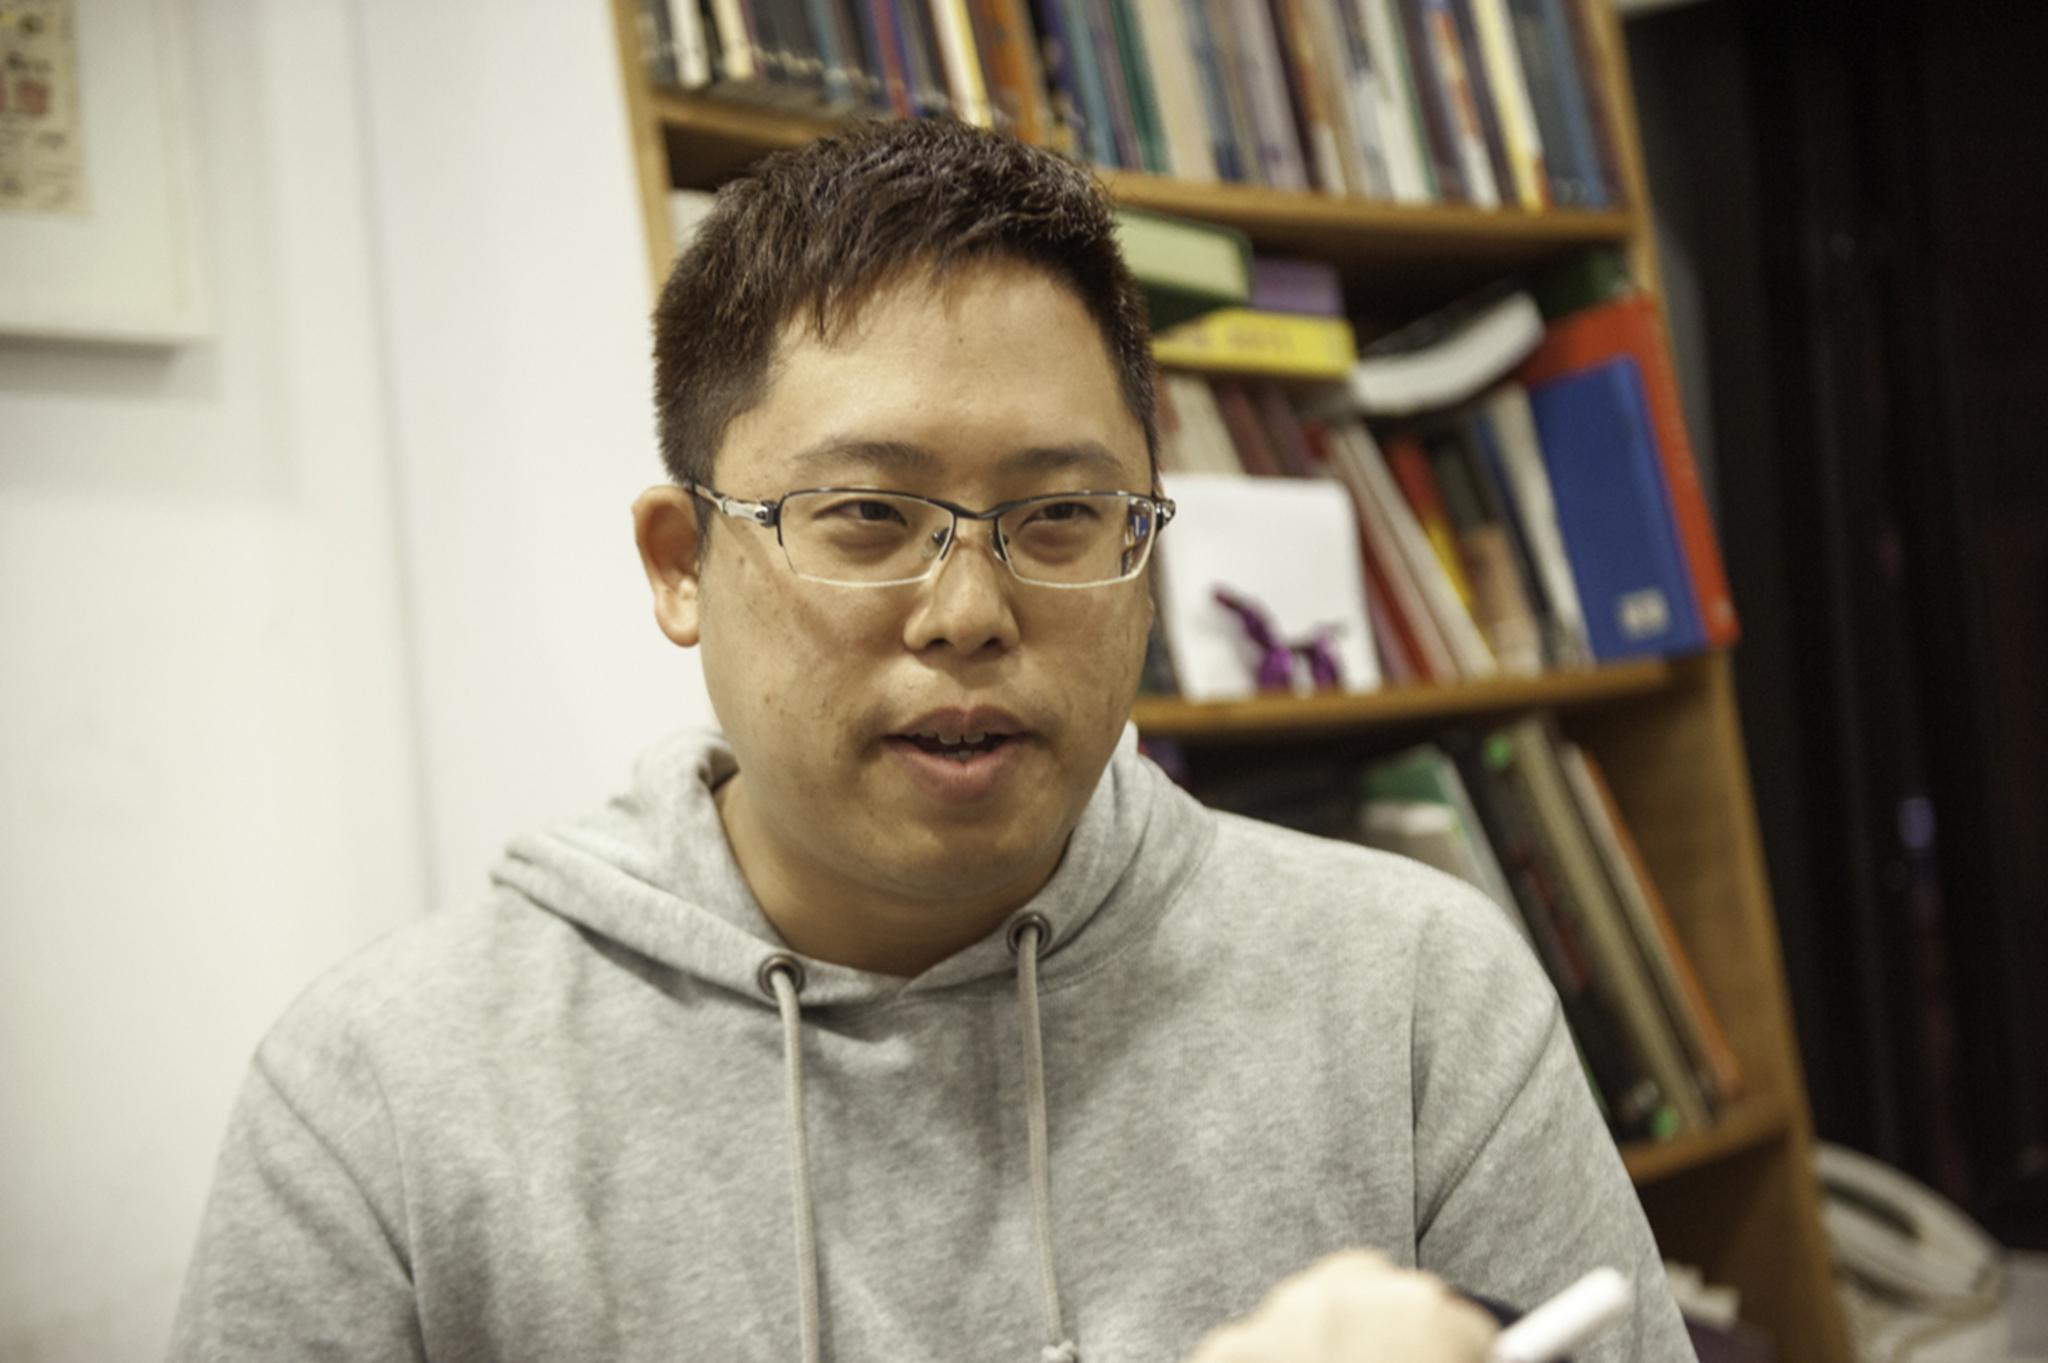 Liberdade de expressão | Jason Chao teme maior controlo dos media